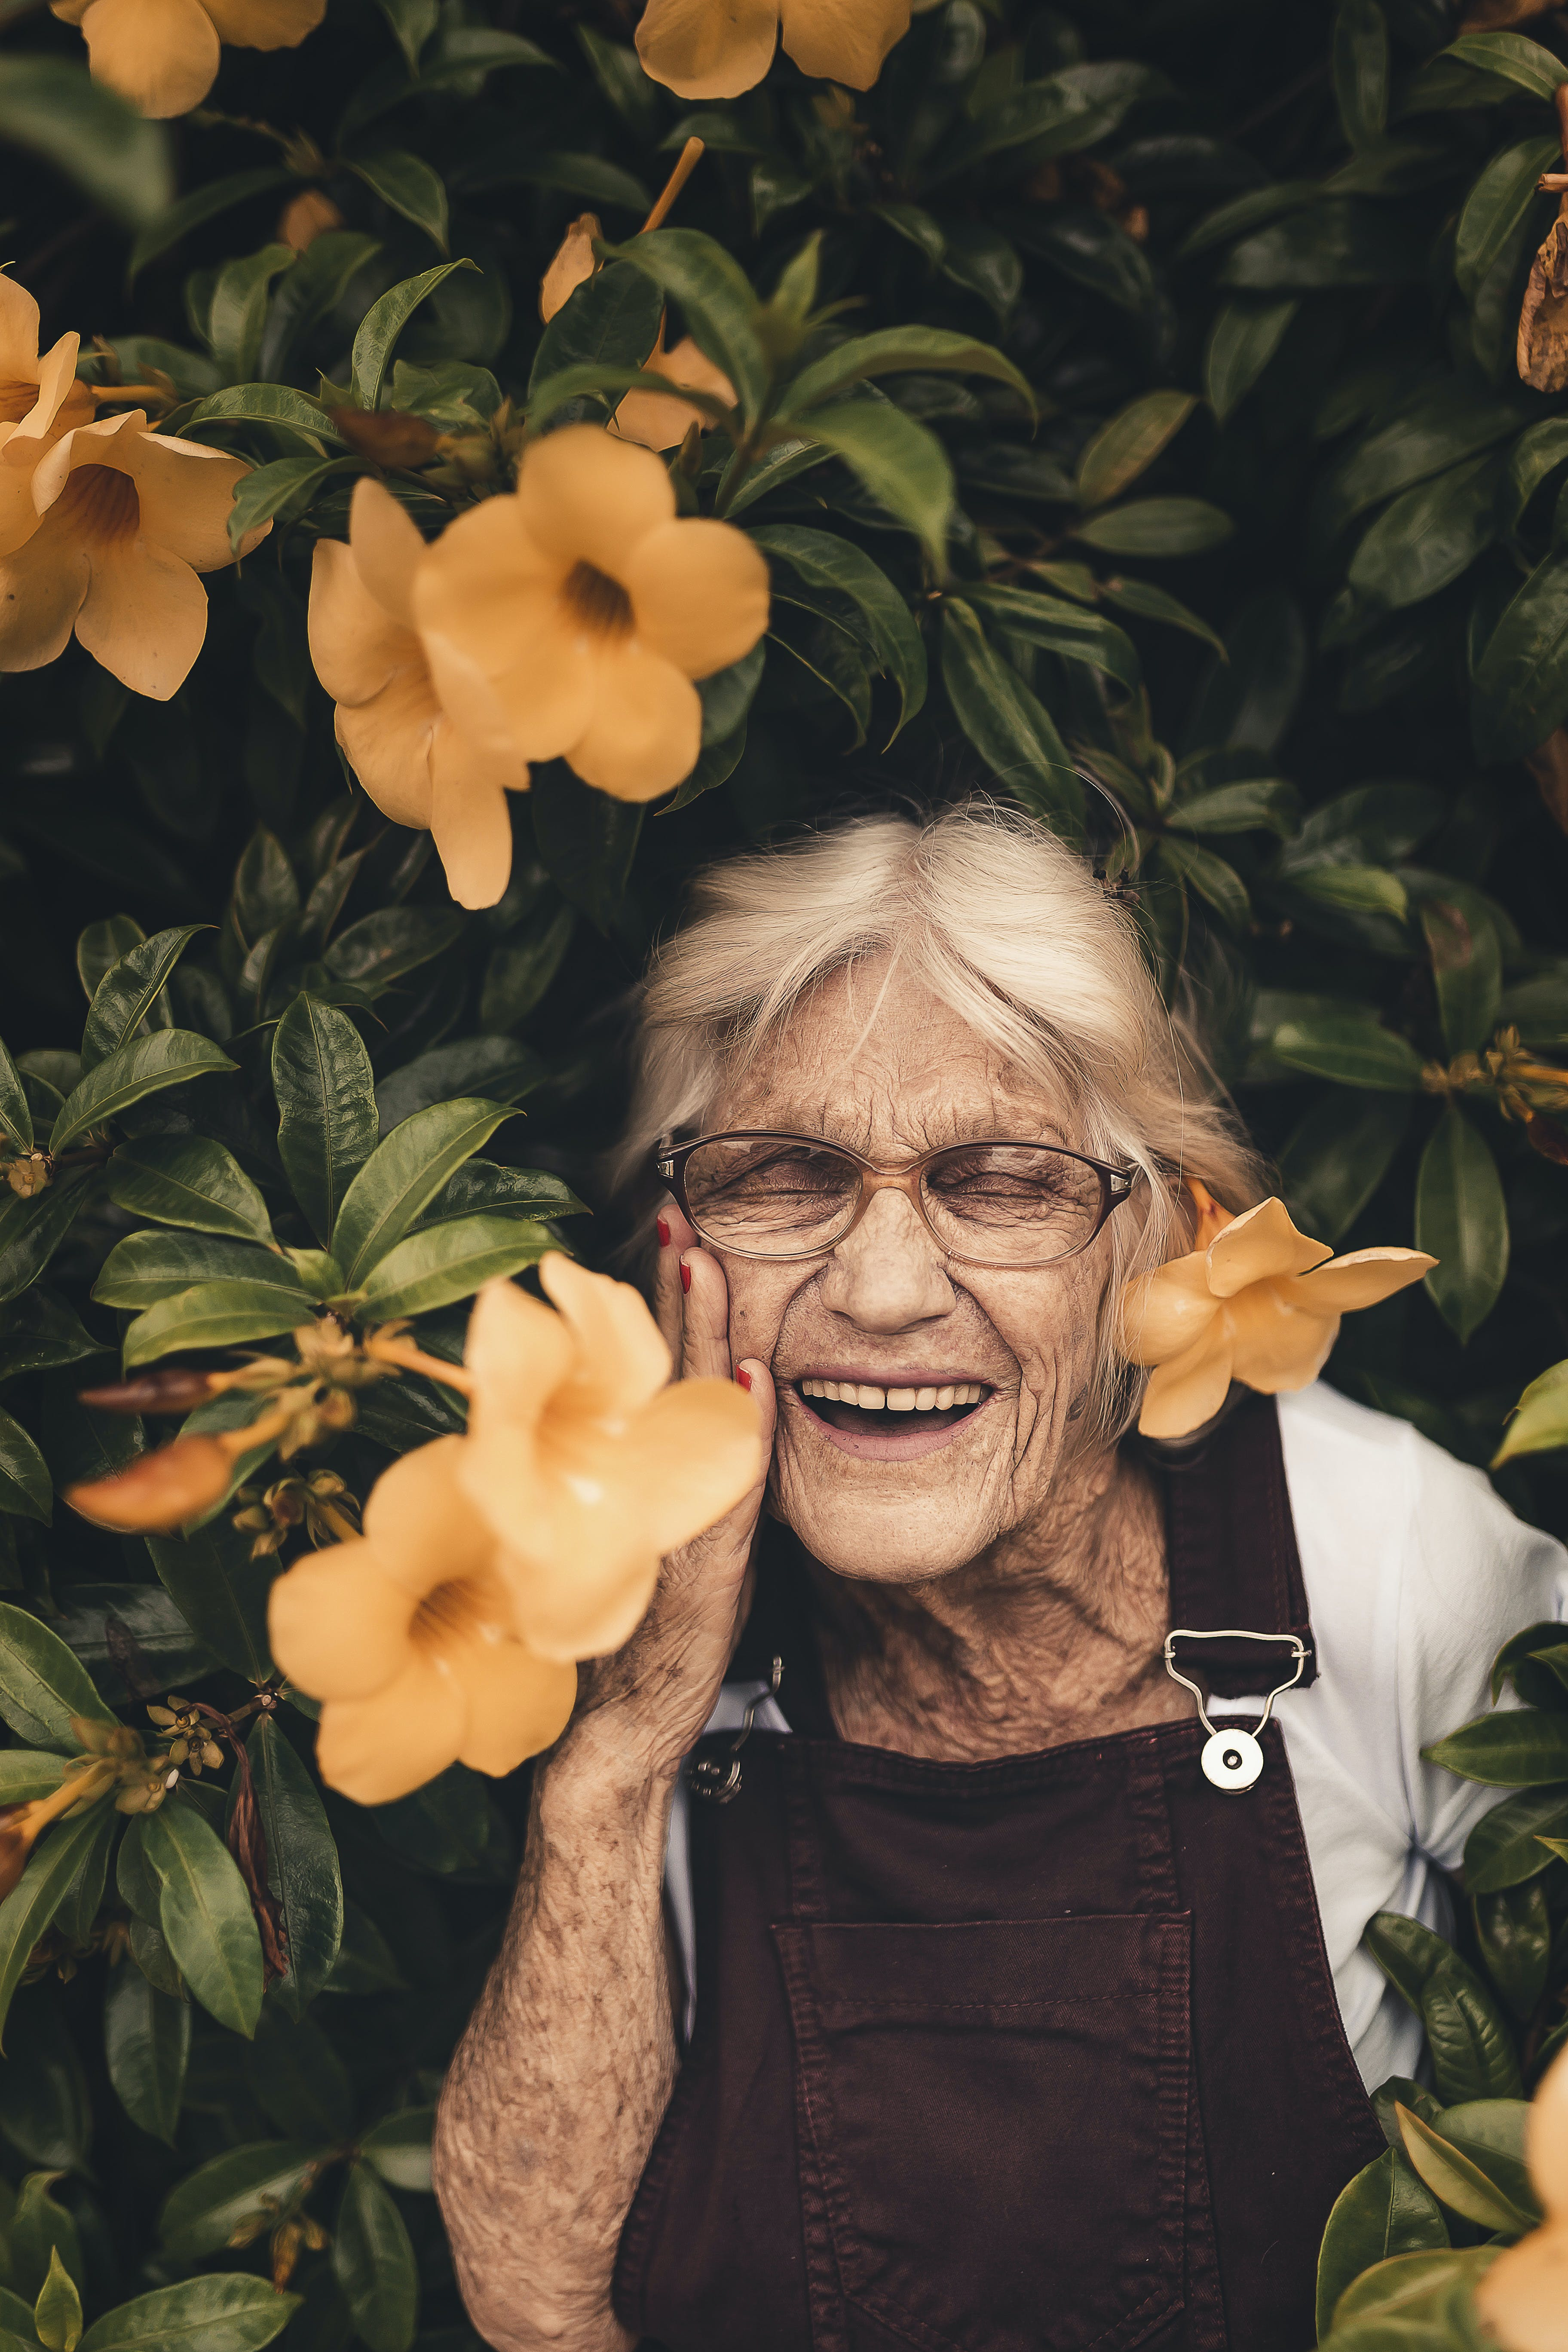 Gratis lagerfoto af alderdom, ansigtsudtryk, bedstemor, blomster